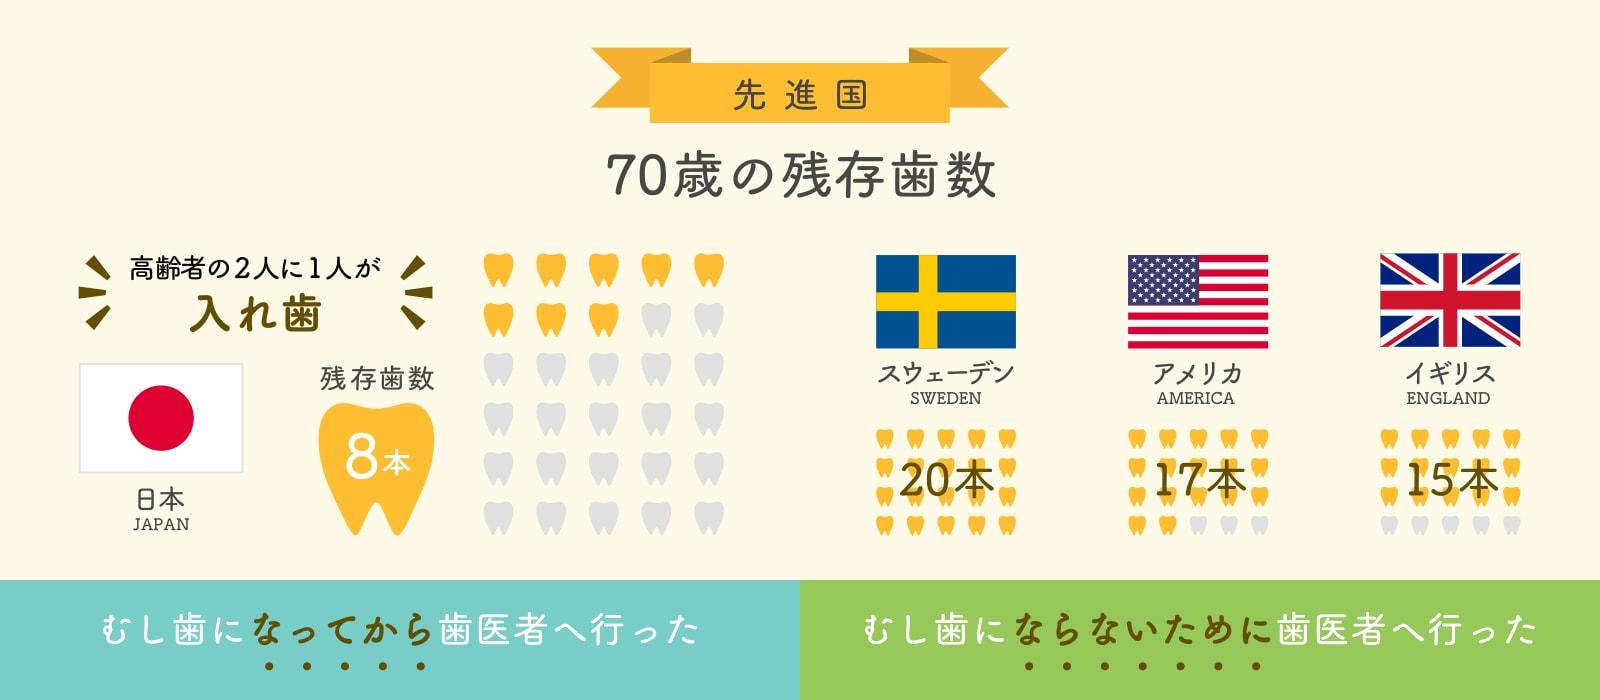 先進国別 70歳の残存歯数